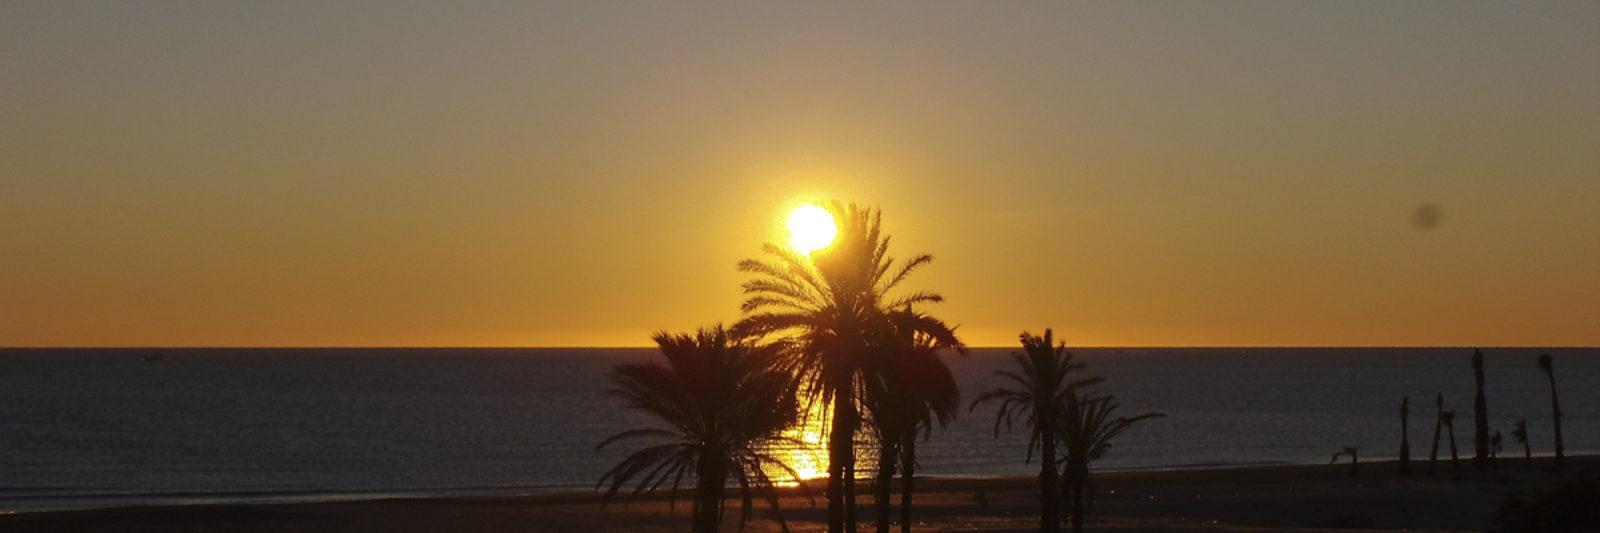 Arenals del Sol